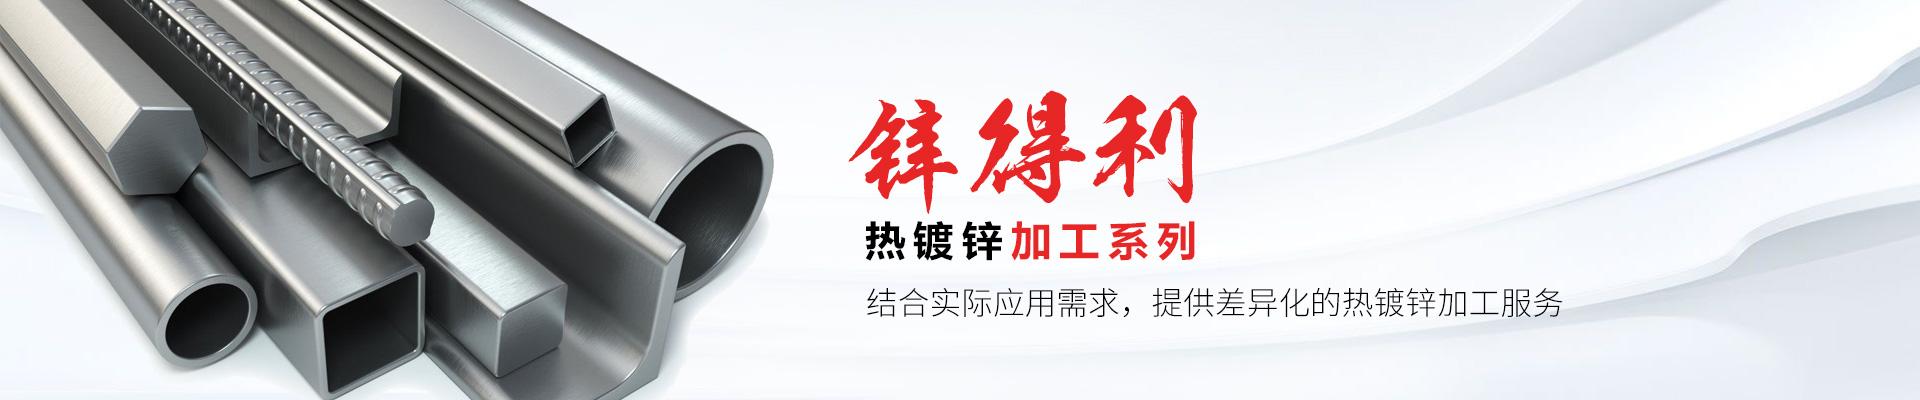 锌得利  ·  热镀锌加工系列